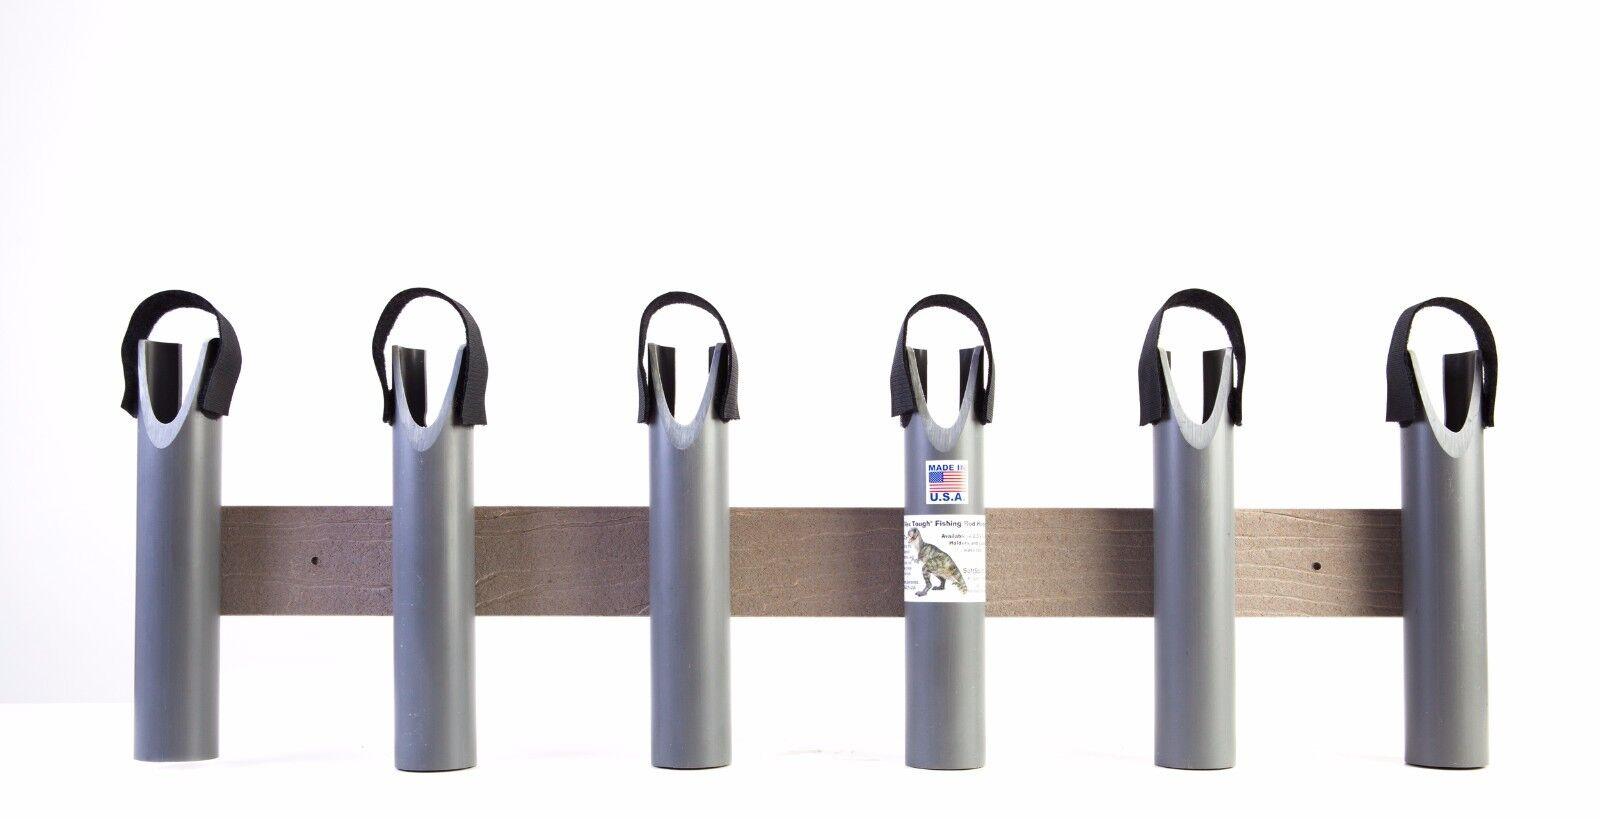 Caña de pesCoche Pole resto del sostenedor del estante - 6 barras, resistente, barcos, Cocheacterísticas únicas